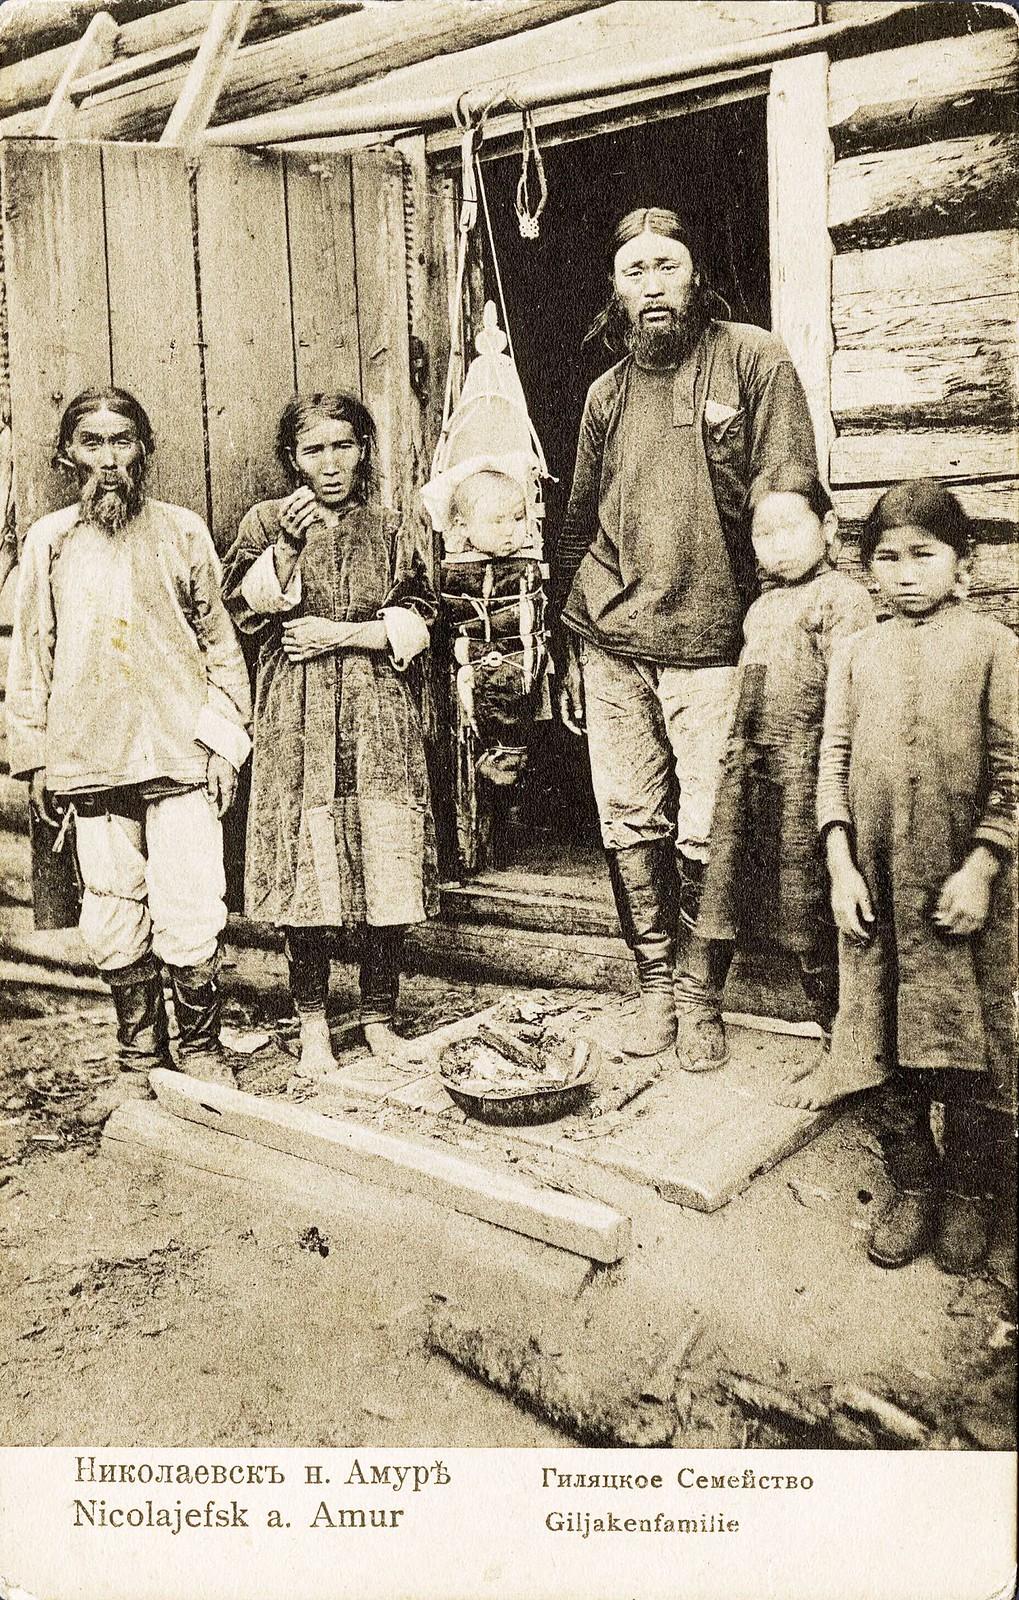 Гиляцкое семейство